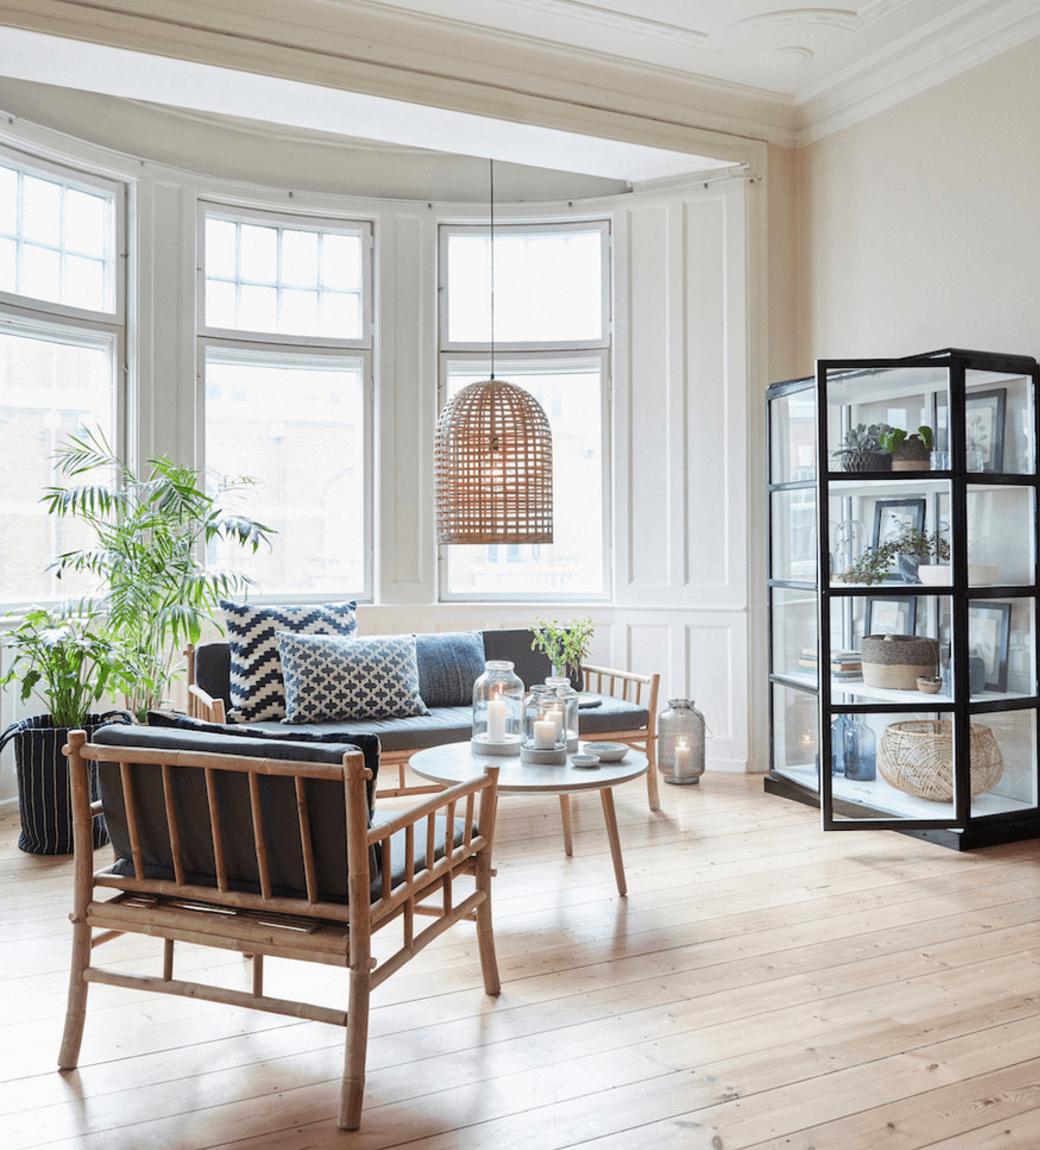 Slikovni rezultat za skandinavski stil beli podovi